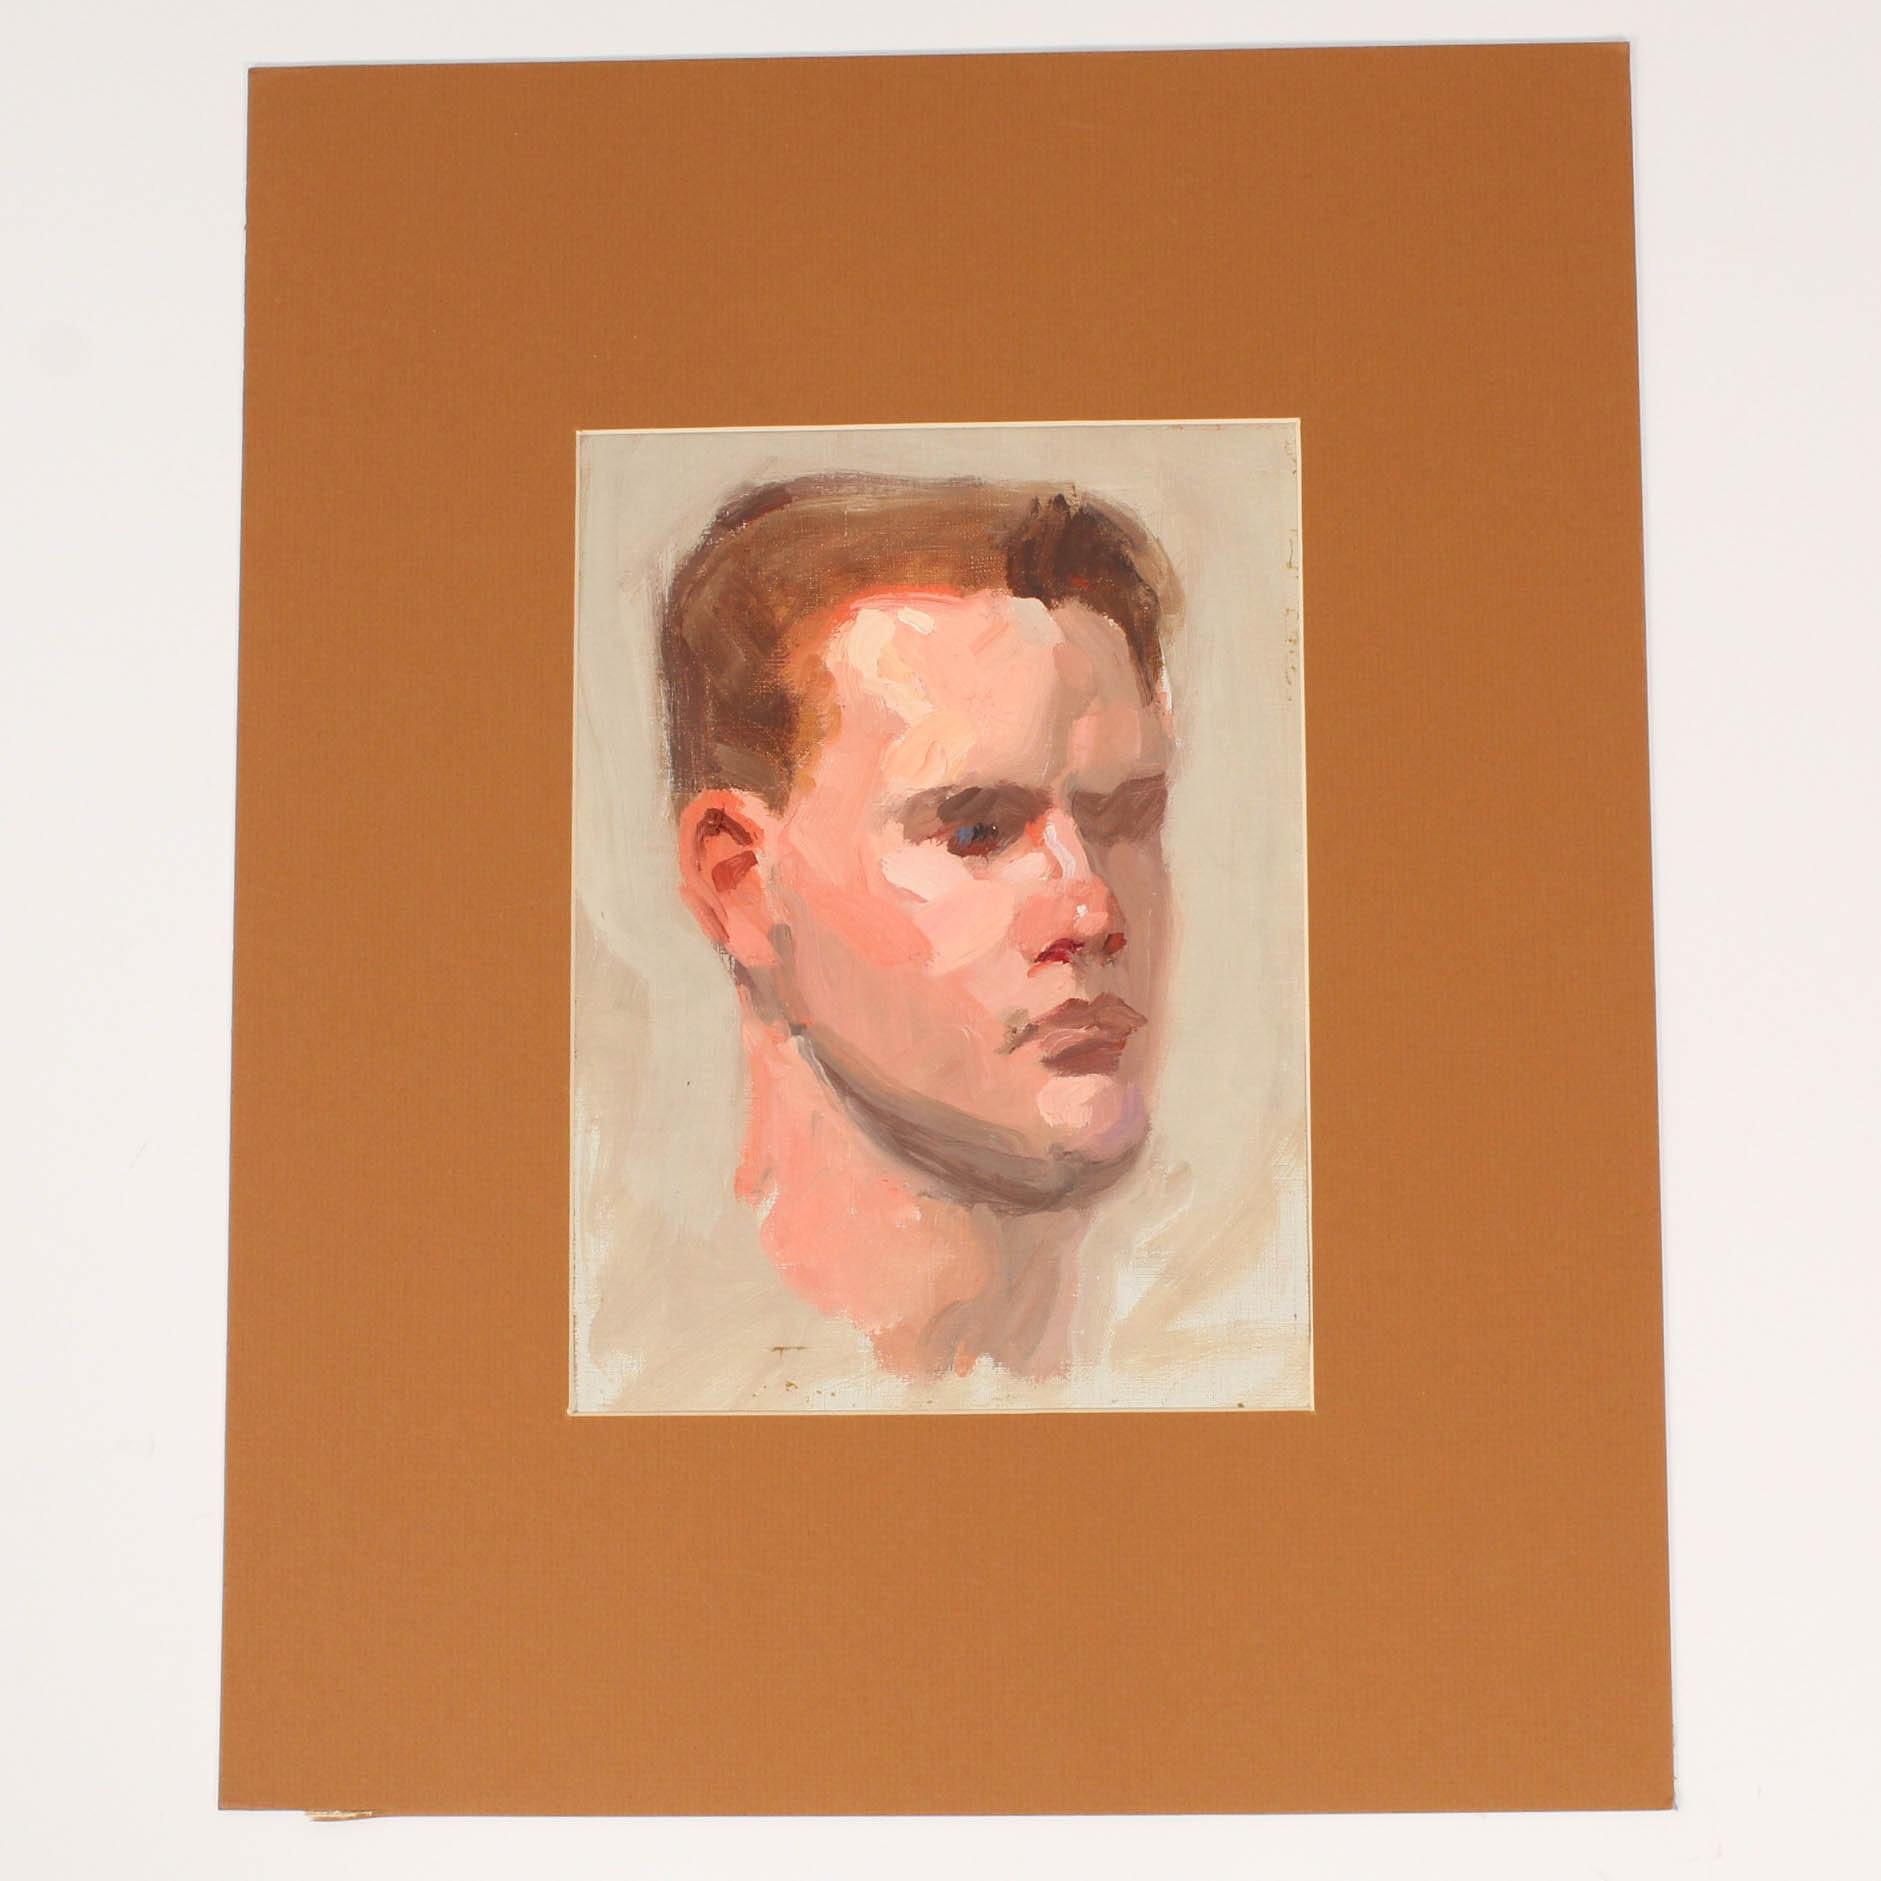 Vintage Portrait Oil Painting, Circa 1930s - 1940s